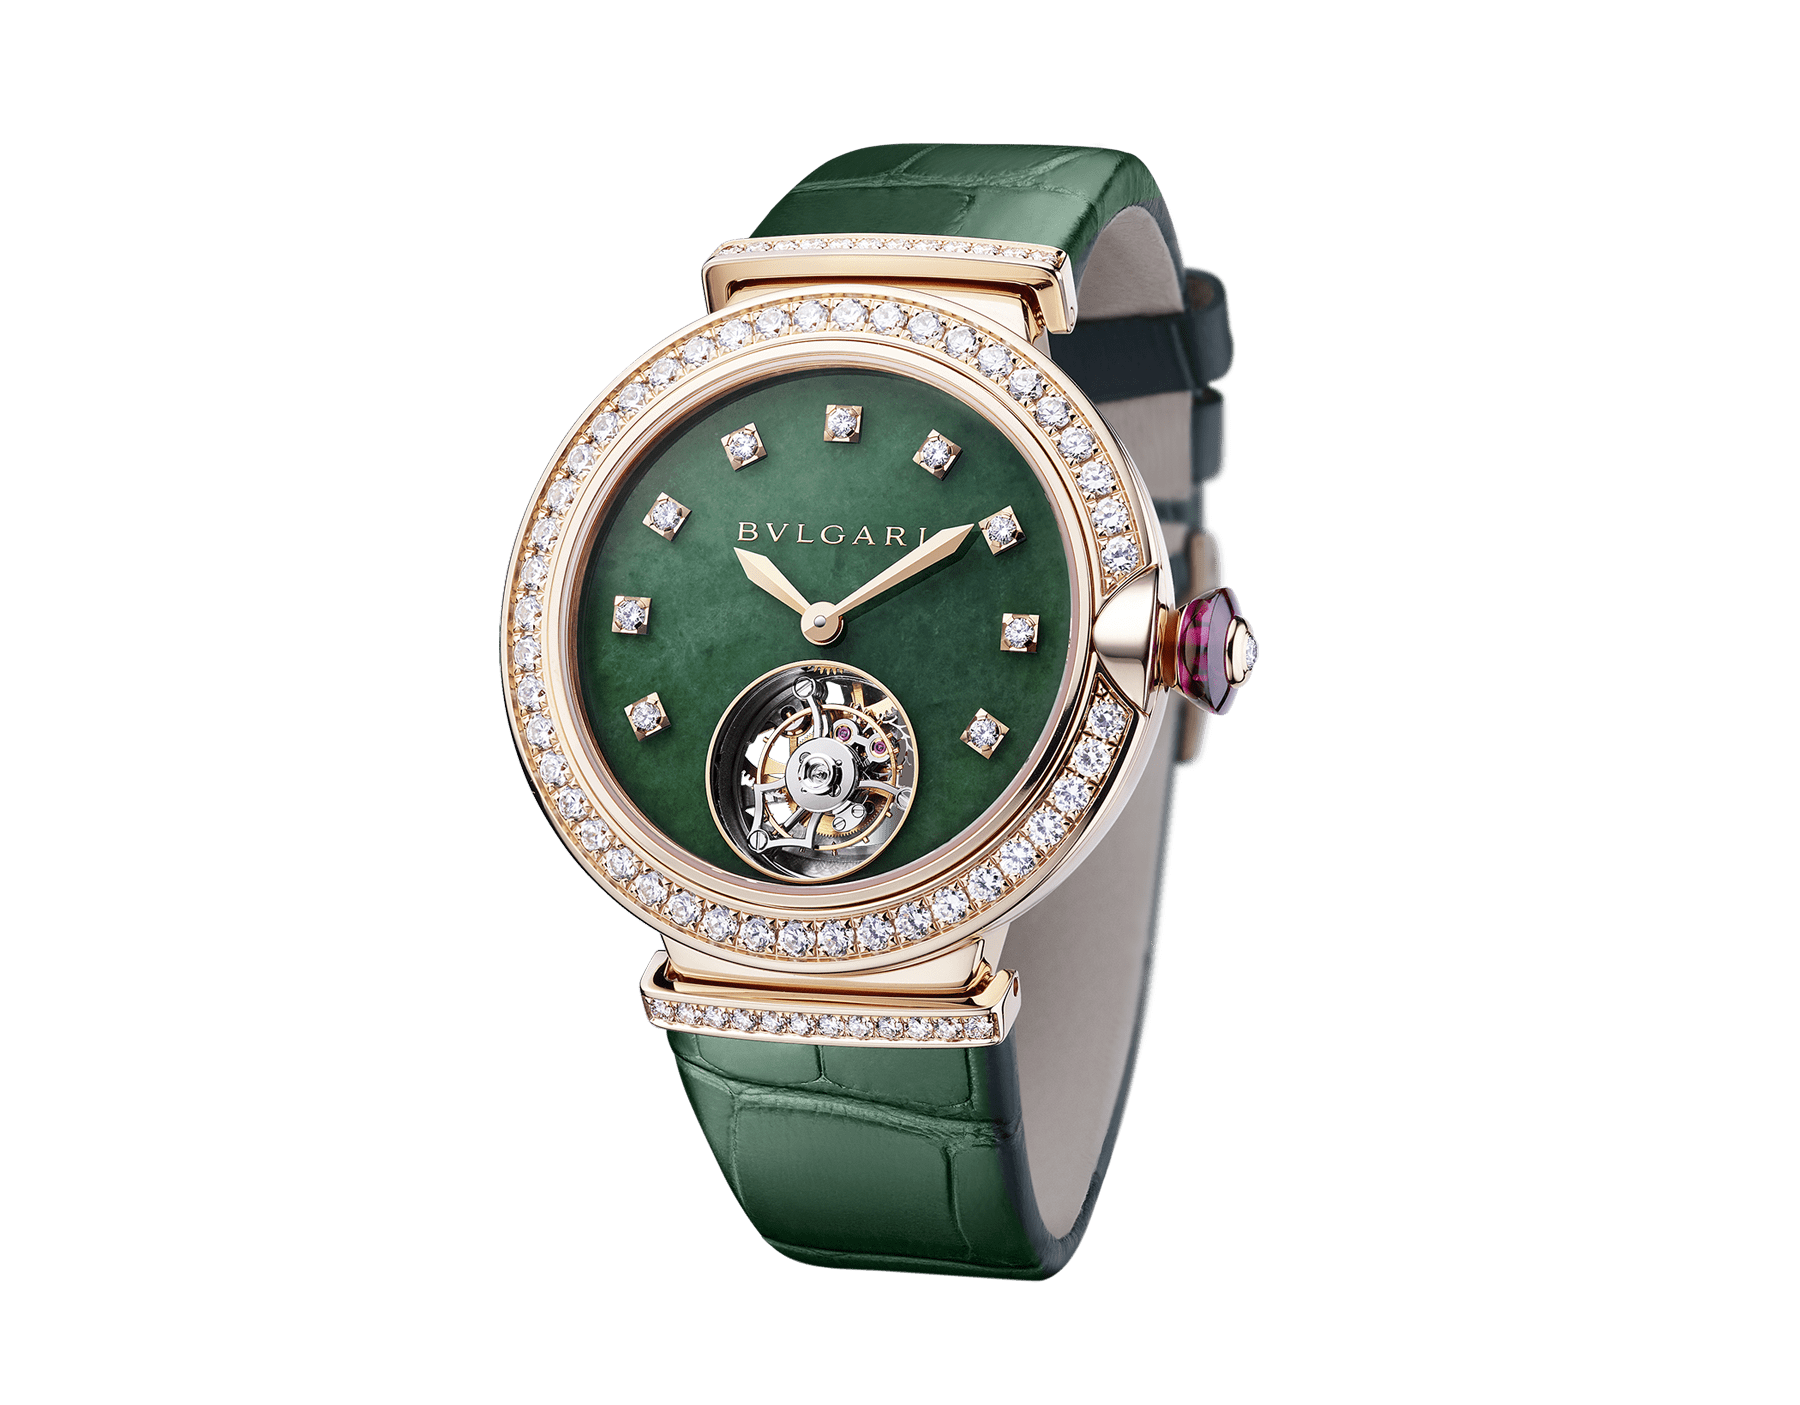 LVCEA Tourbillon 腕錶搭載機械機芯,自動上鍊,鏤空陀飛輪。18K 玫瑰金錶殼鑲飾鑽石,翡翠錶盤,綠色鱷魚皮錶帶。 102693 image 1